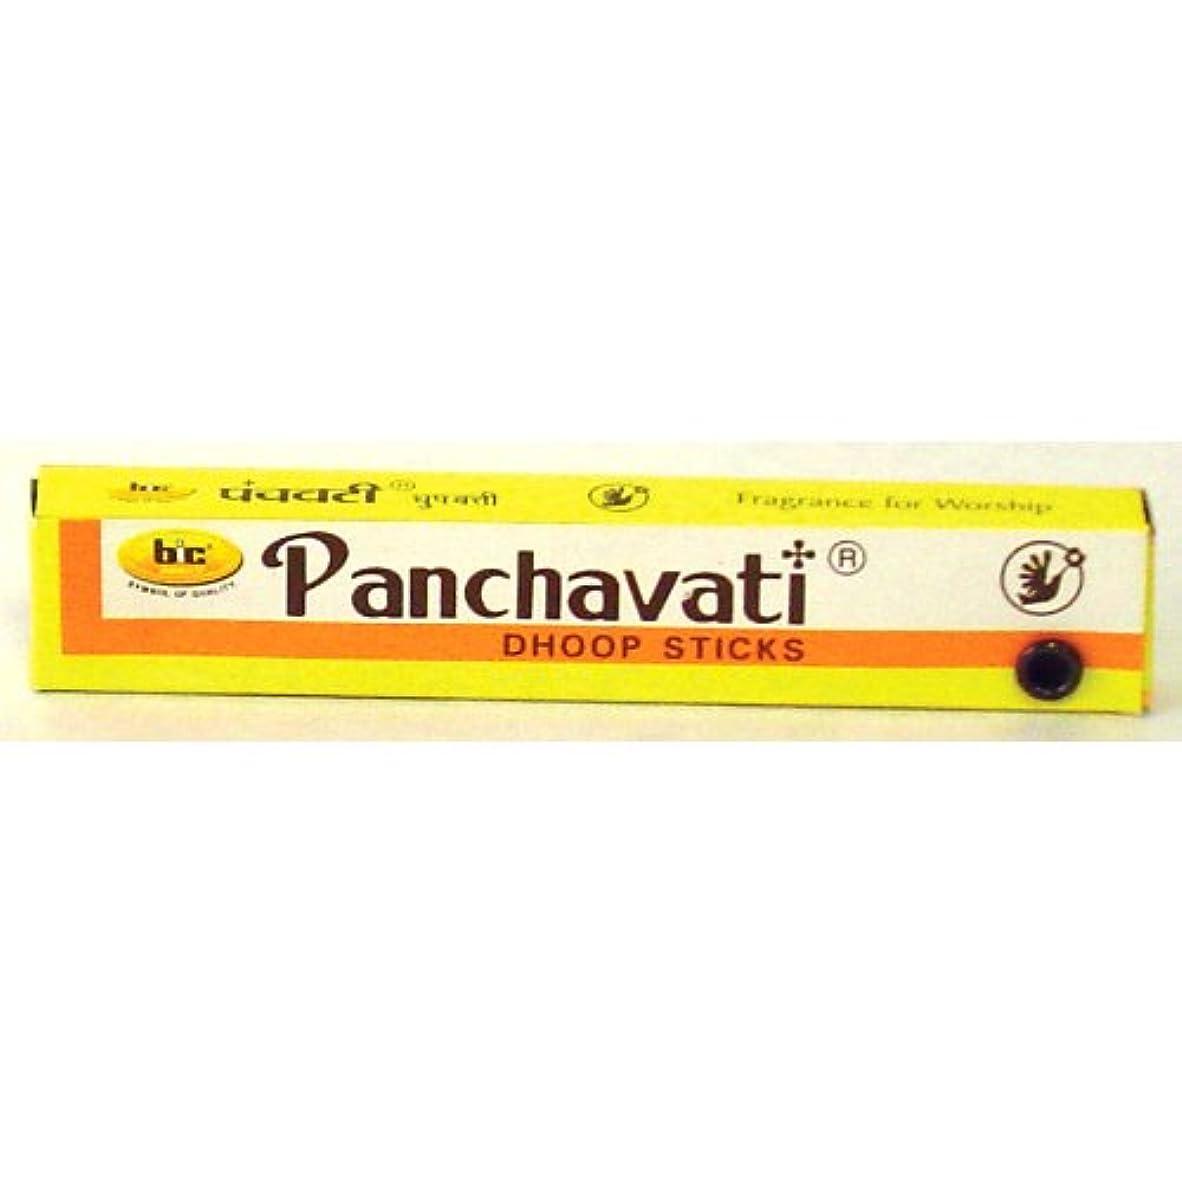 権利を与えるロボットエジプトPanchavati Dhoop Sticks - One Dozen Boxes - 5 King Size by Incense